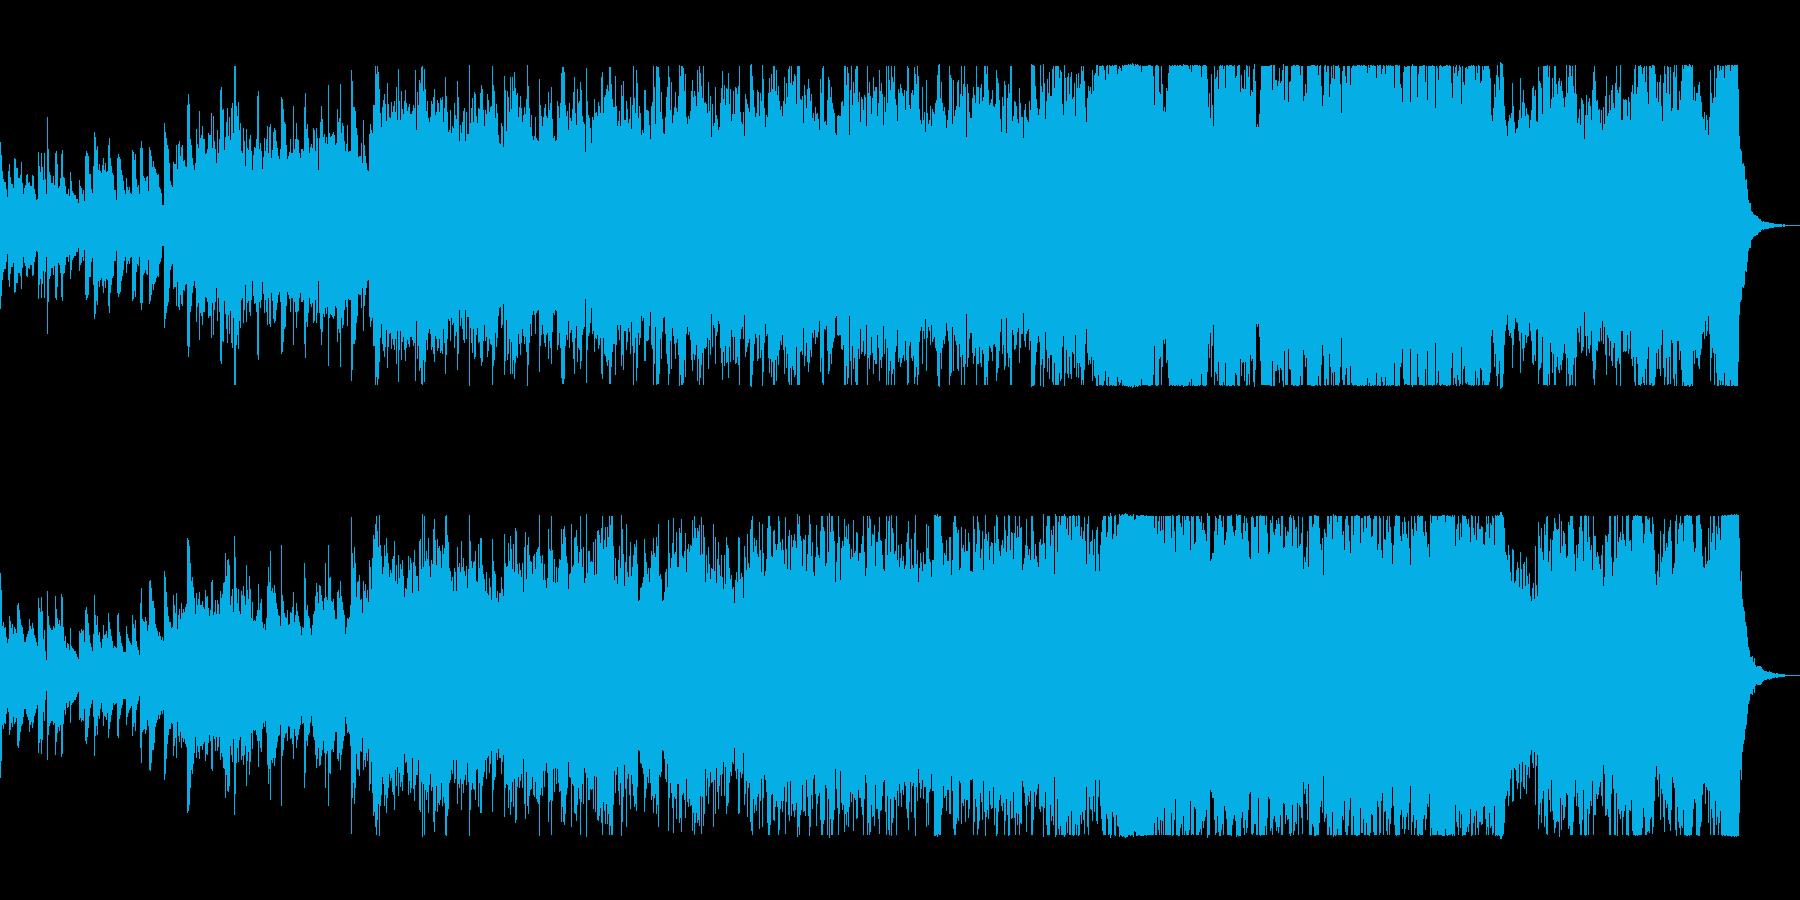 優しく奏でるヒーリングミュージックの再生済みの波形